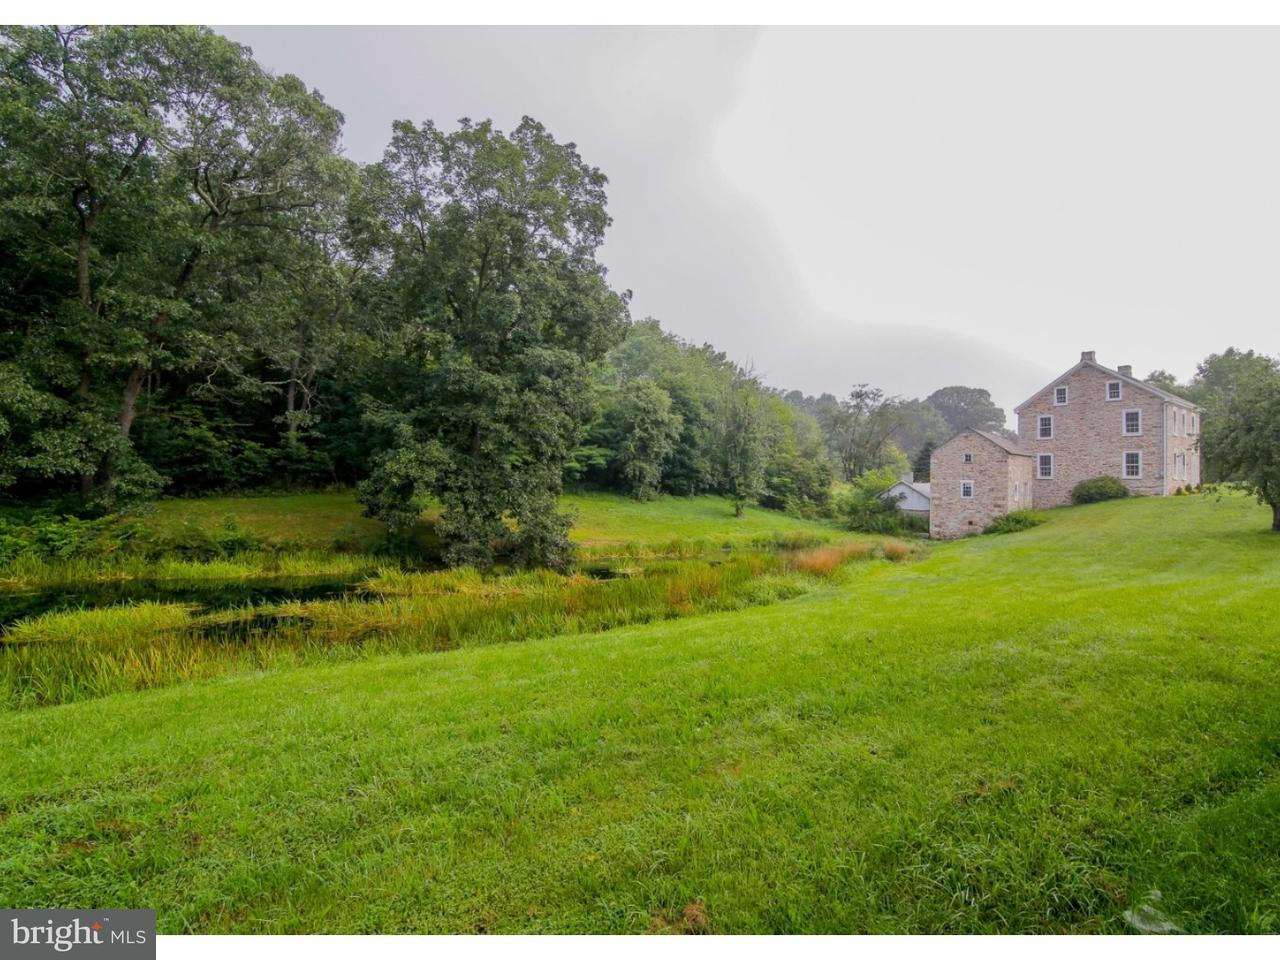 Частный односемейный дом для того Продажа на 8955 ASHFIELD Road Slatington, Пенсильвания 18080 Соединенные Штаты